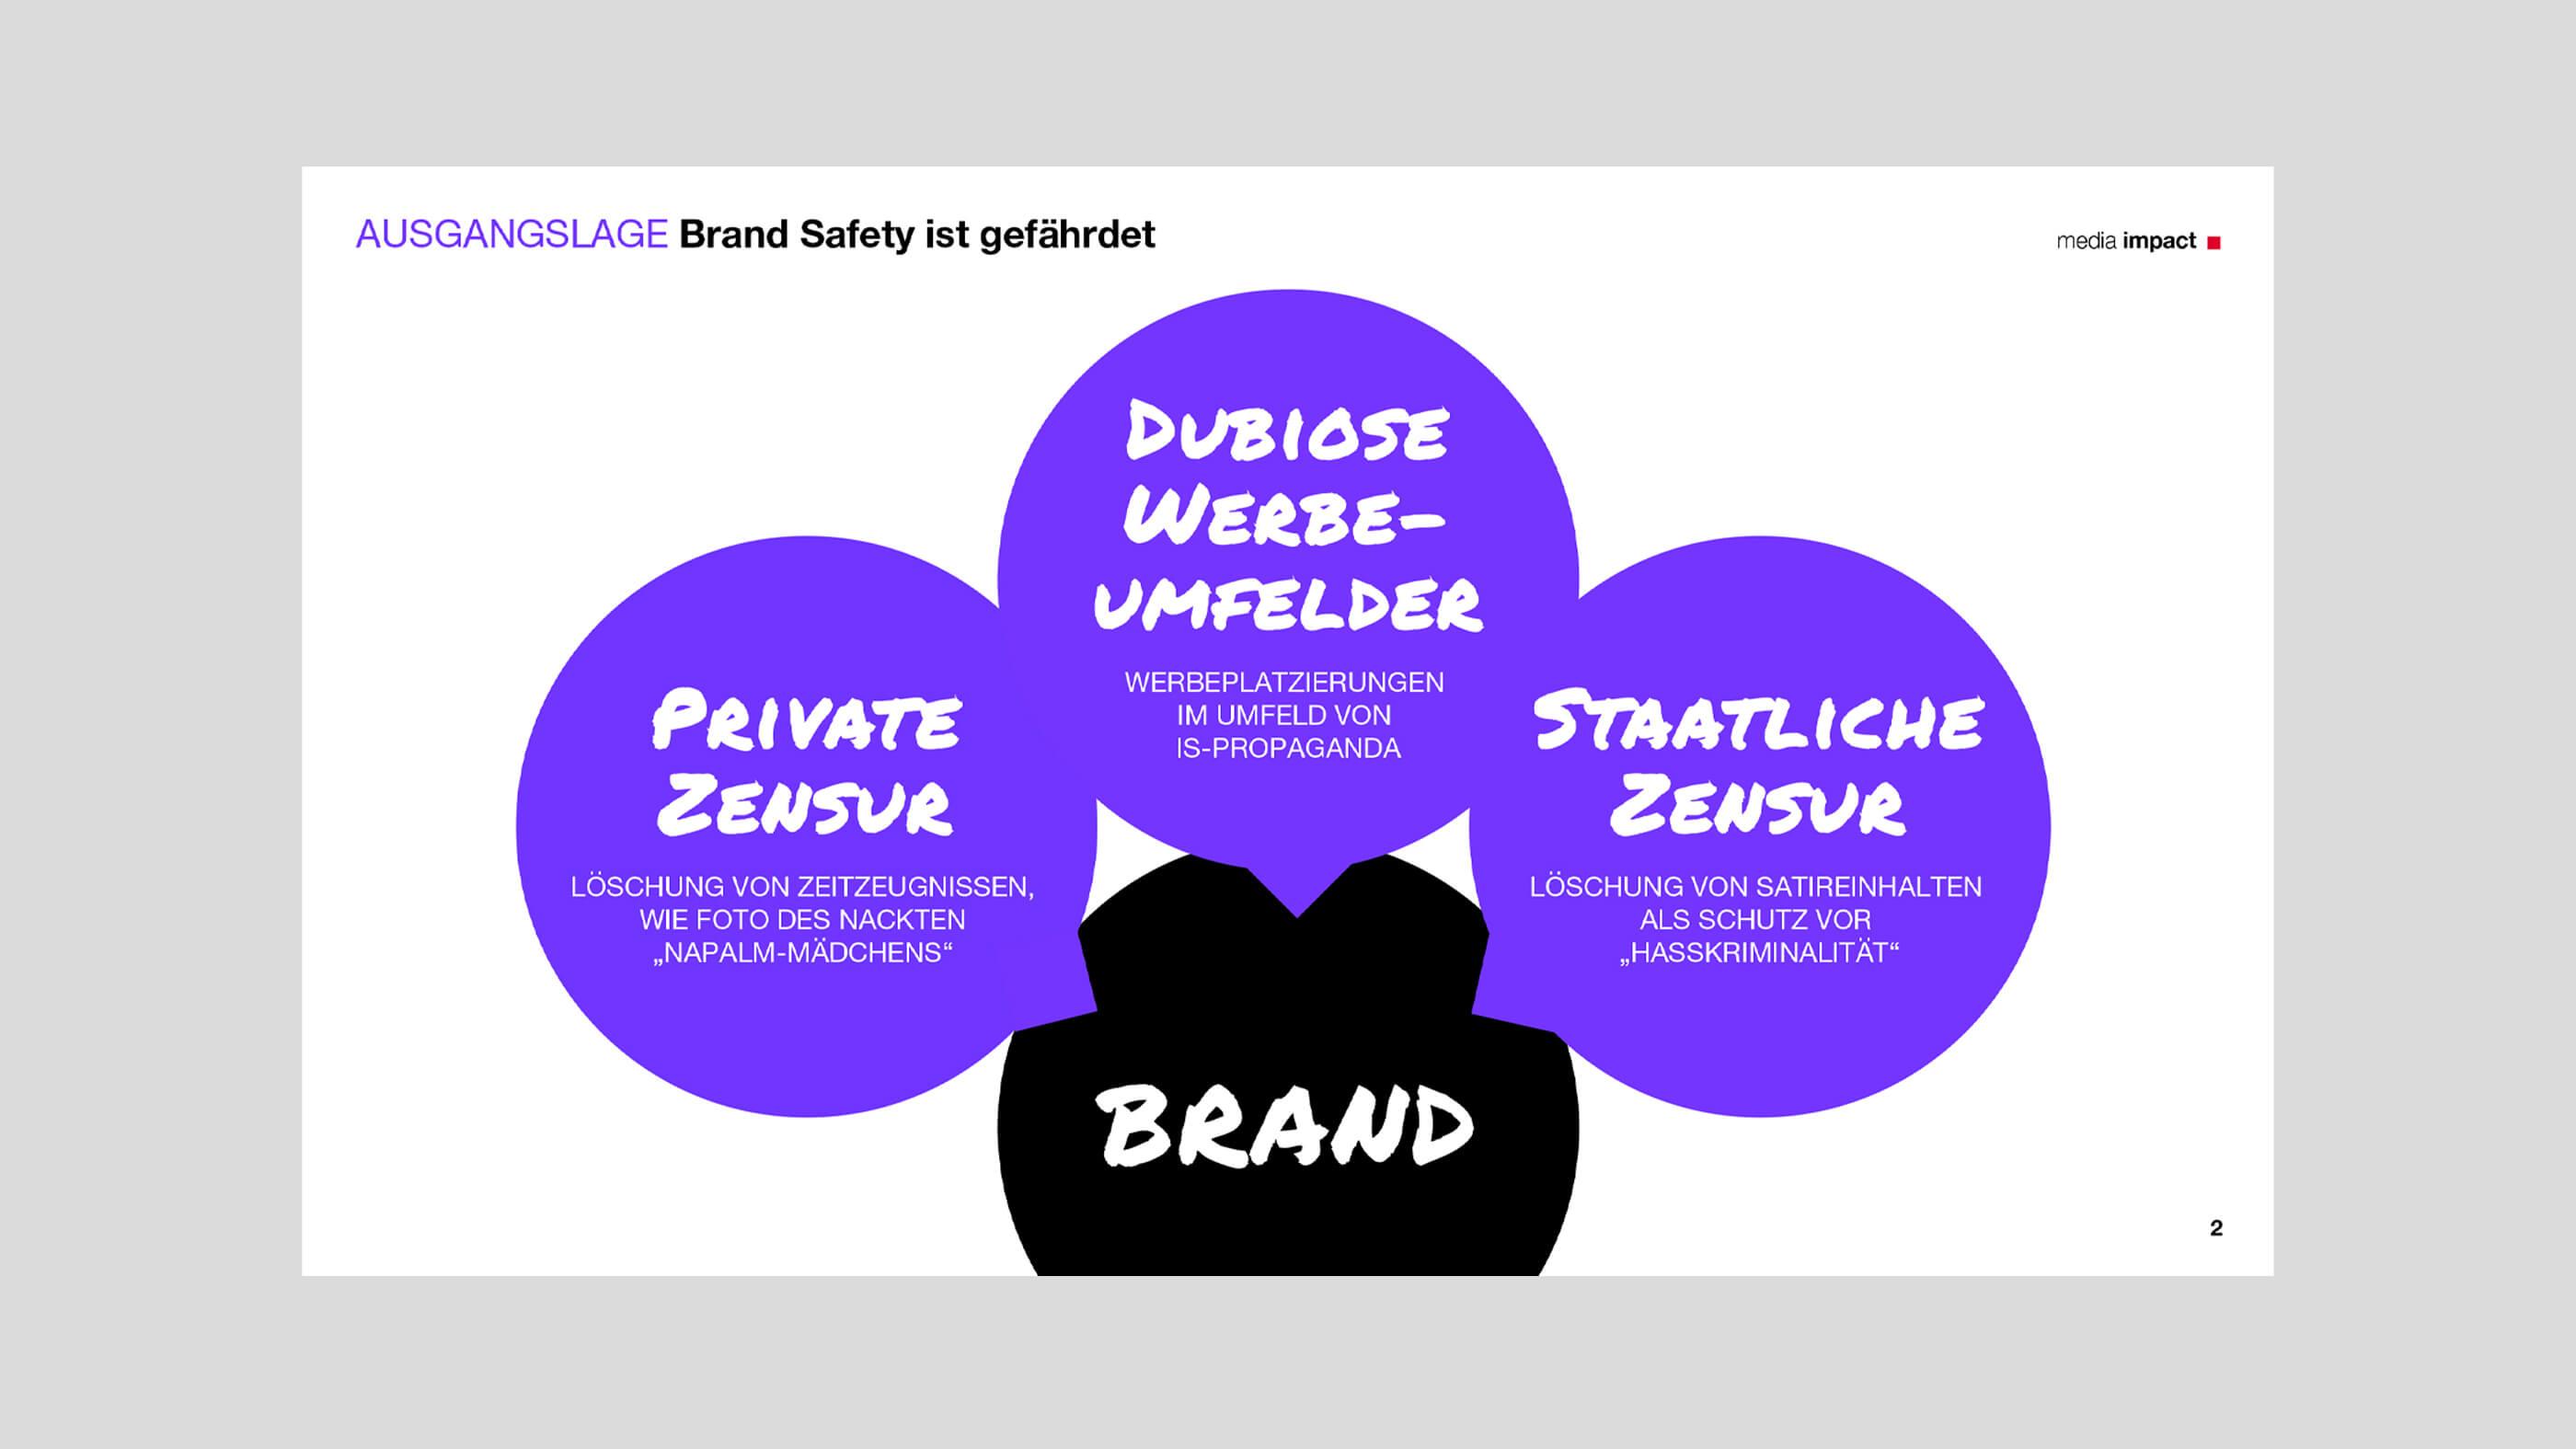 Informationsgrafik zu Brand Safety